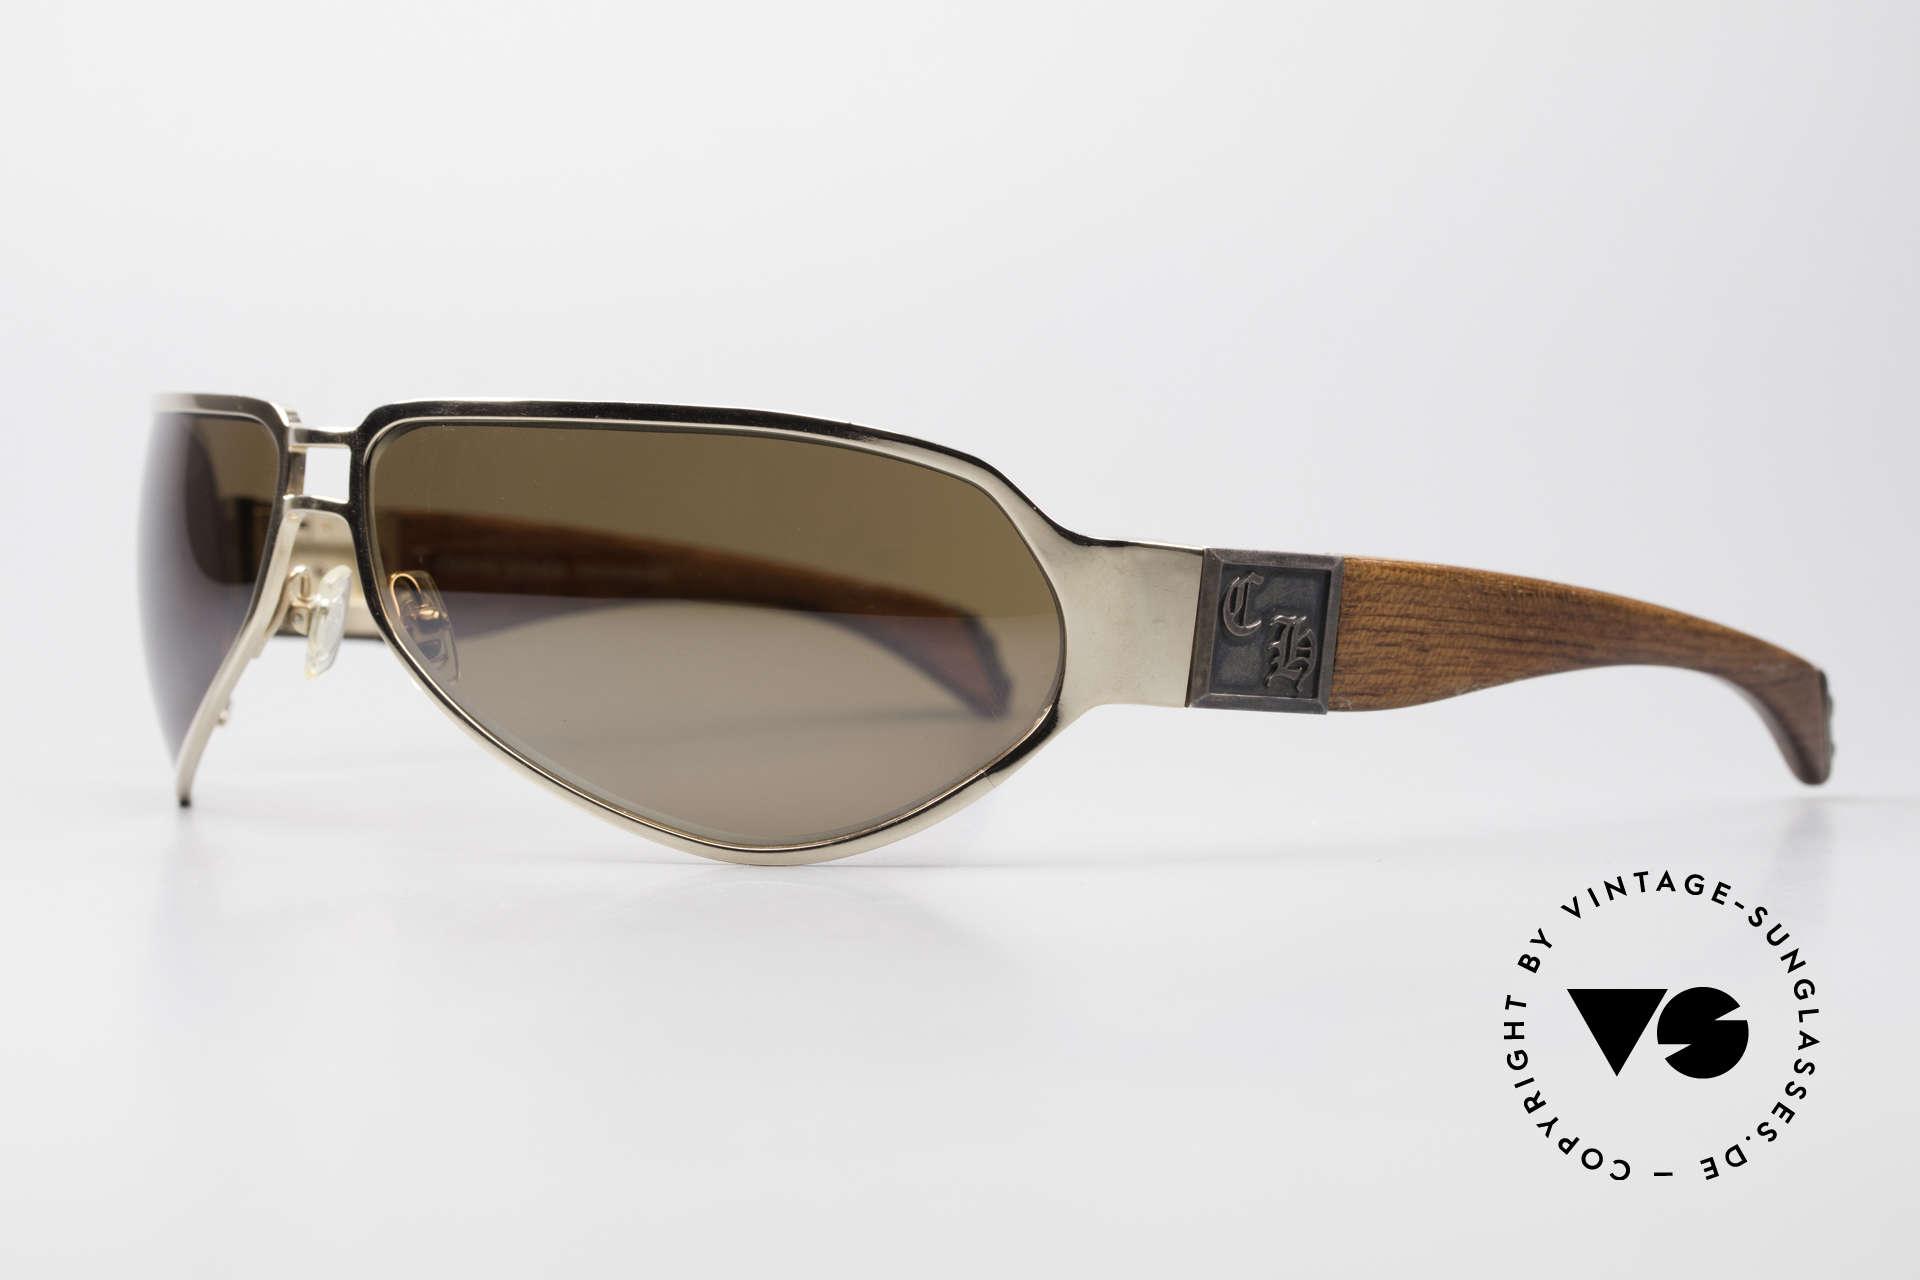 Chrome Hearts Shaft Luxus Herrenbrille Für Kenner, herausragende Handwerkskunst (made in Japan), Passend für Herren